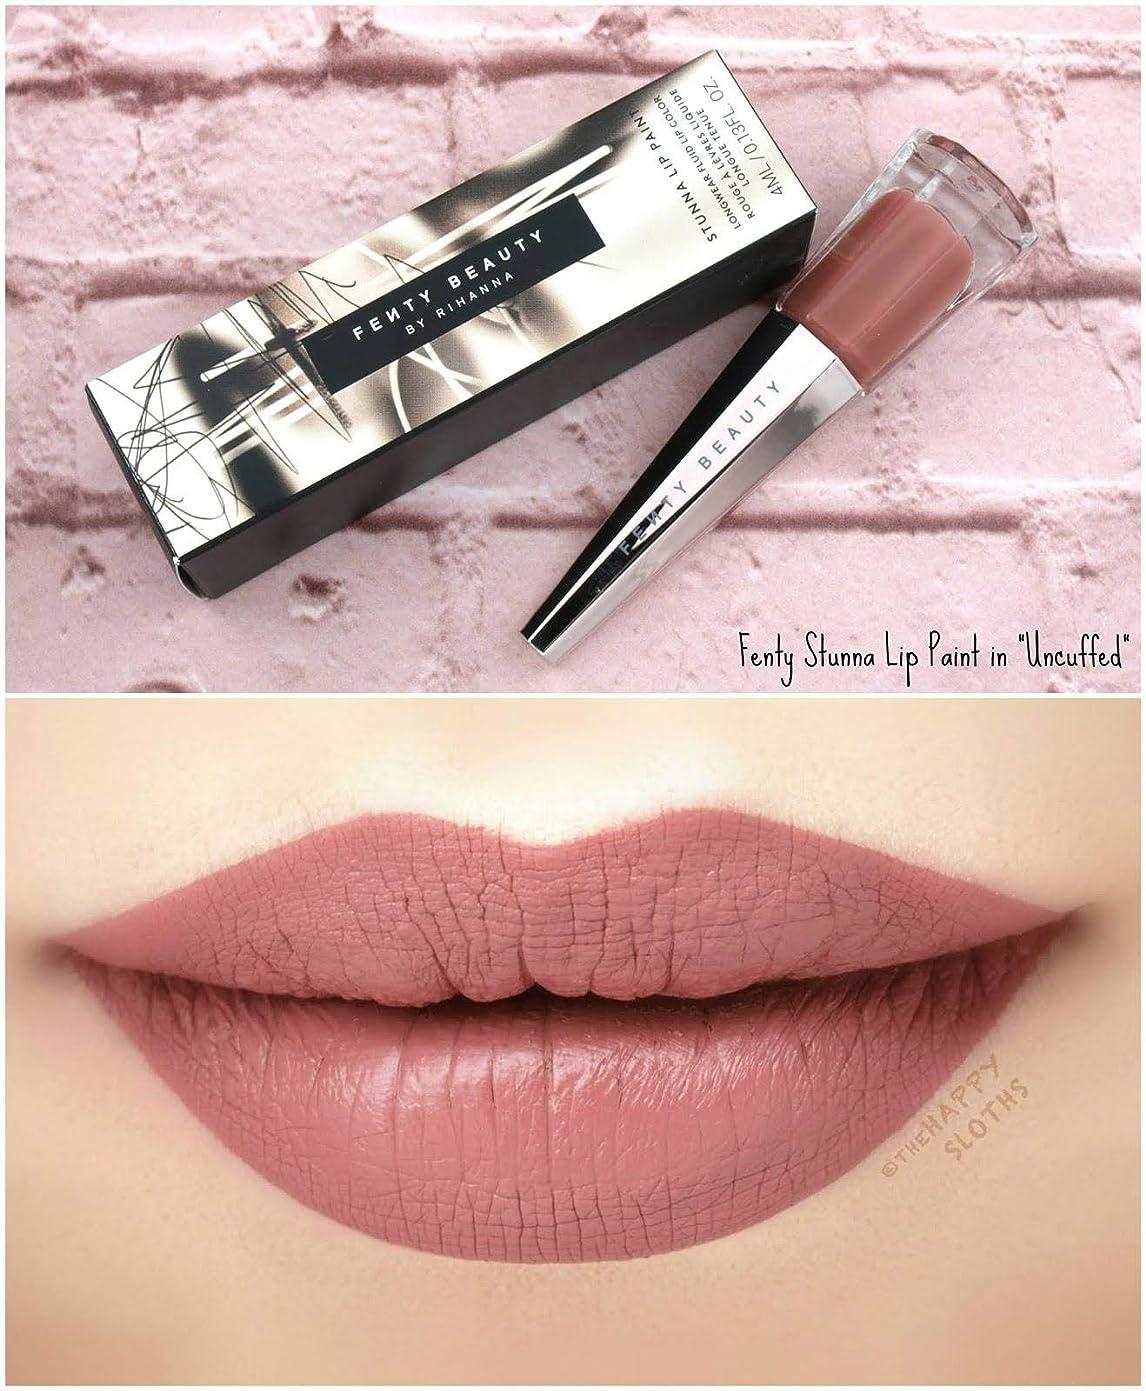 ガソリン絶対にオッズFENTY BEAUTY BY RIHANNA Stunna Lip Paint Longwear Fluid Lip Color リップ リアーナ フェンティビューティ (Uncuffed - rosy mauve)